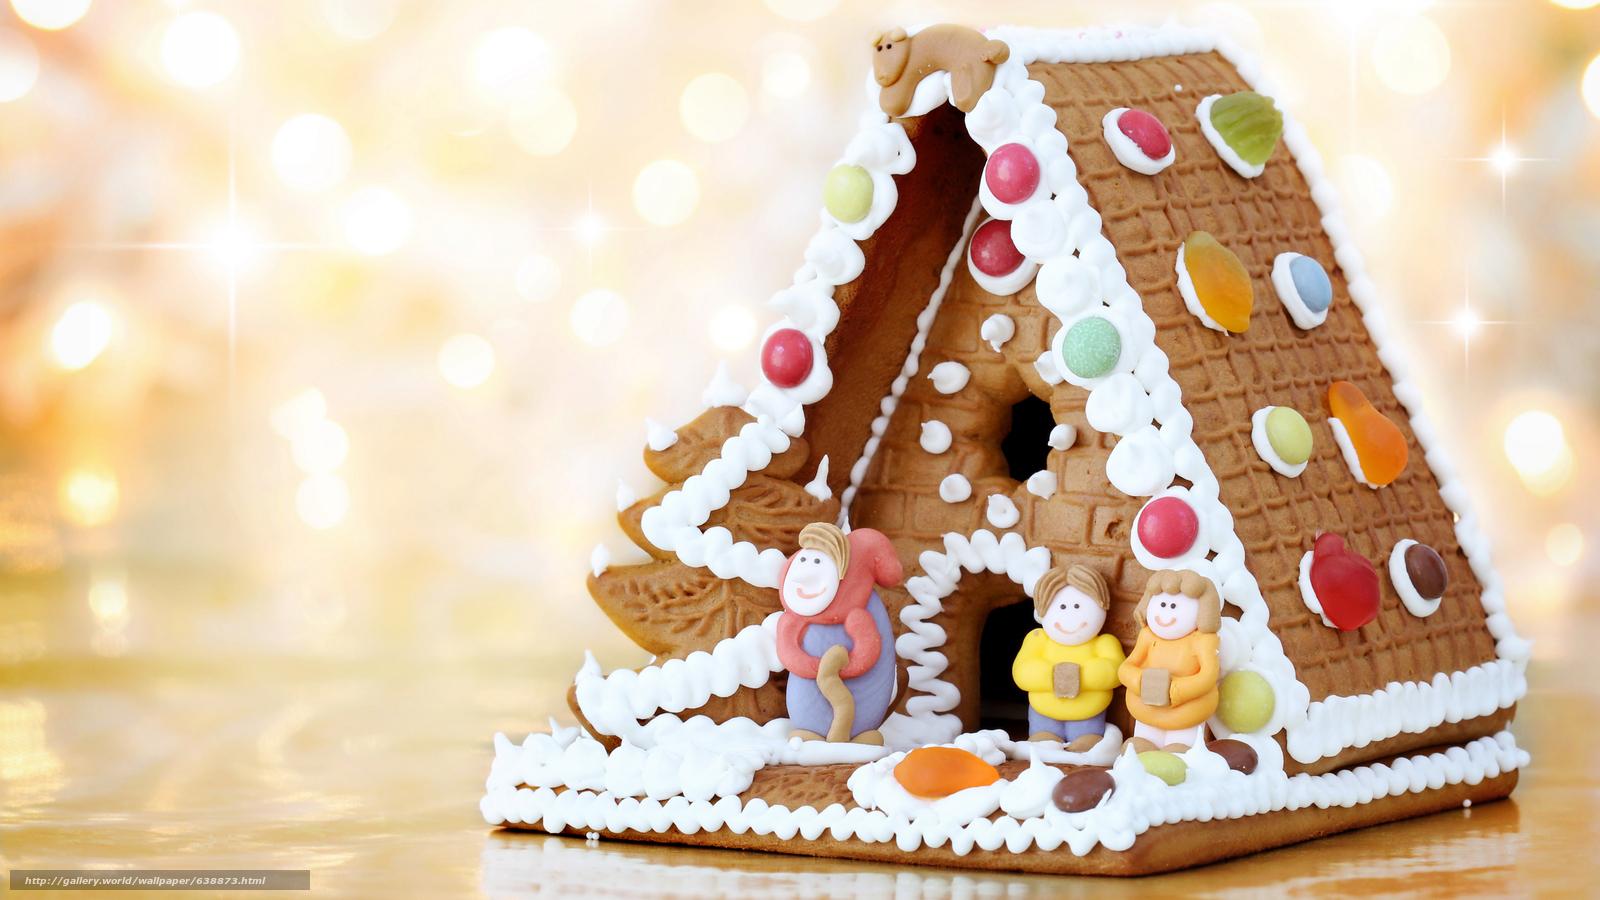 Descargar gratis Año Nuevo,  galletas,  fiesta,  casa de jengibre Fondos de escritorio en la resolucin 7680x4320 — imagen №638873